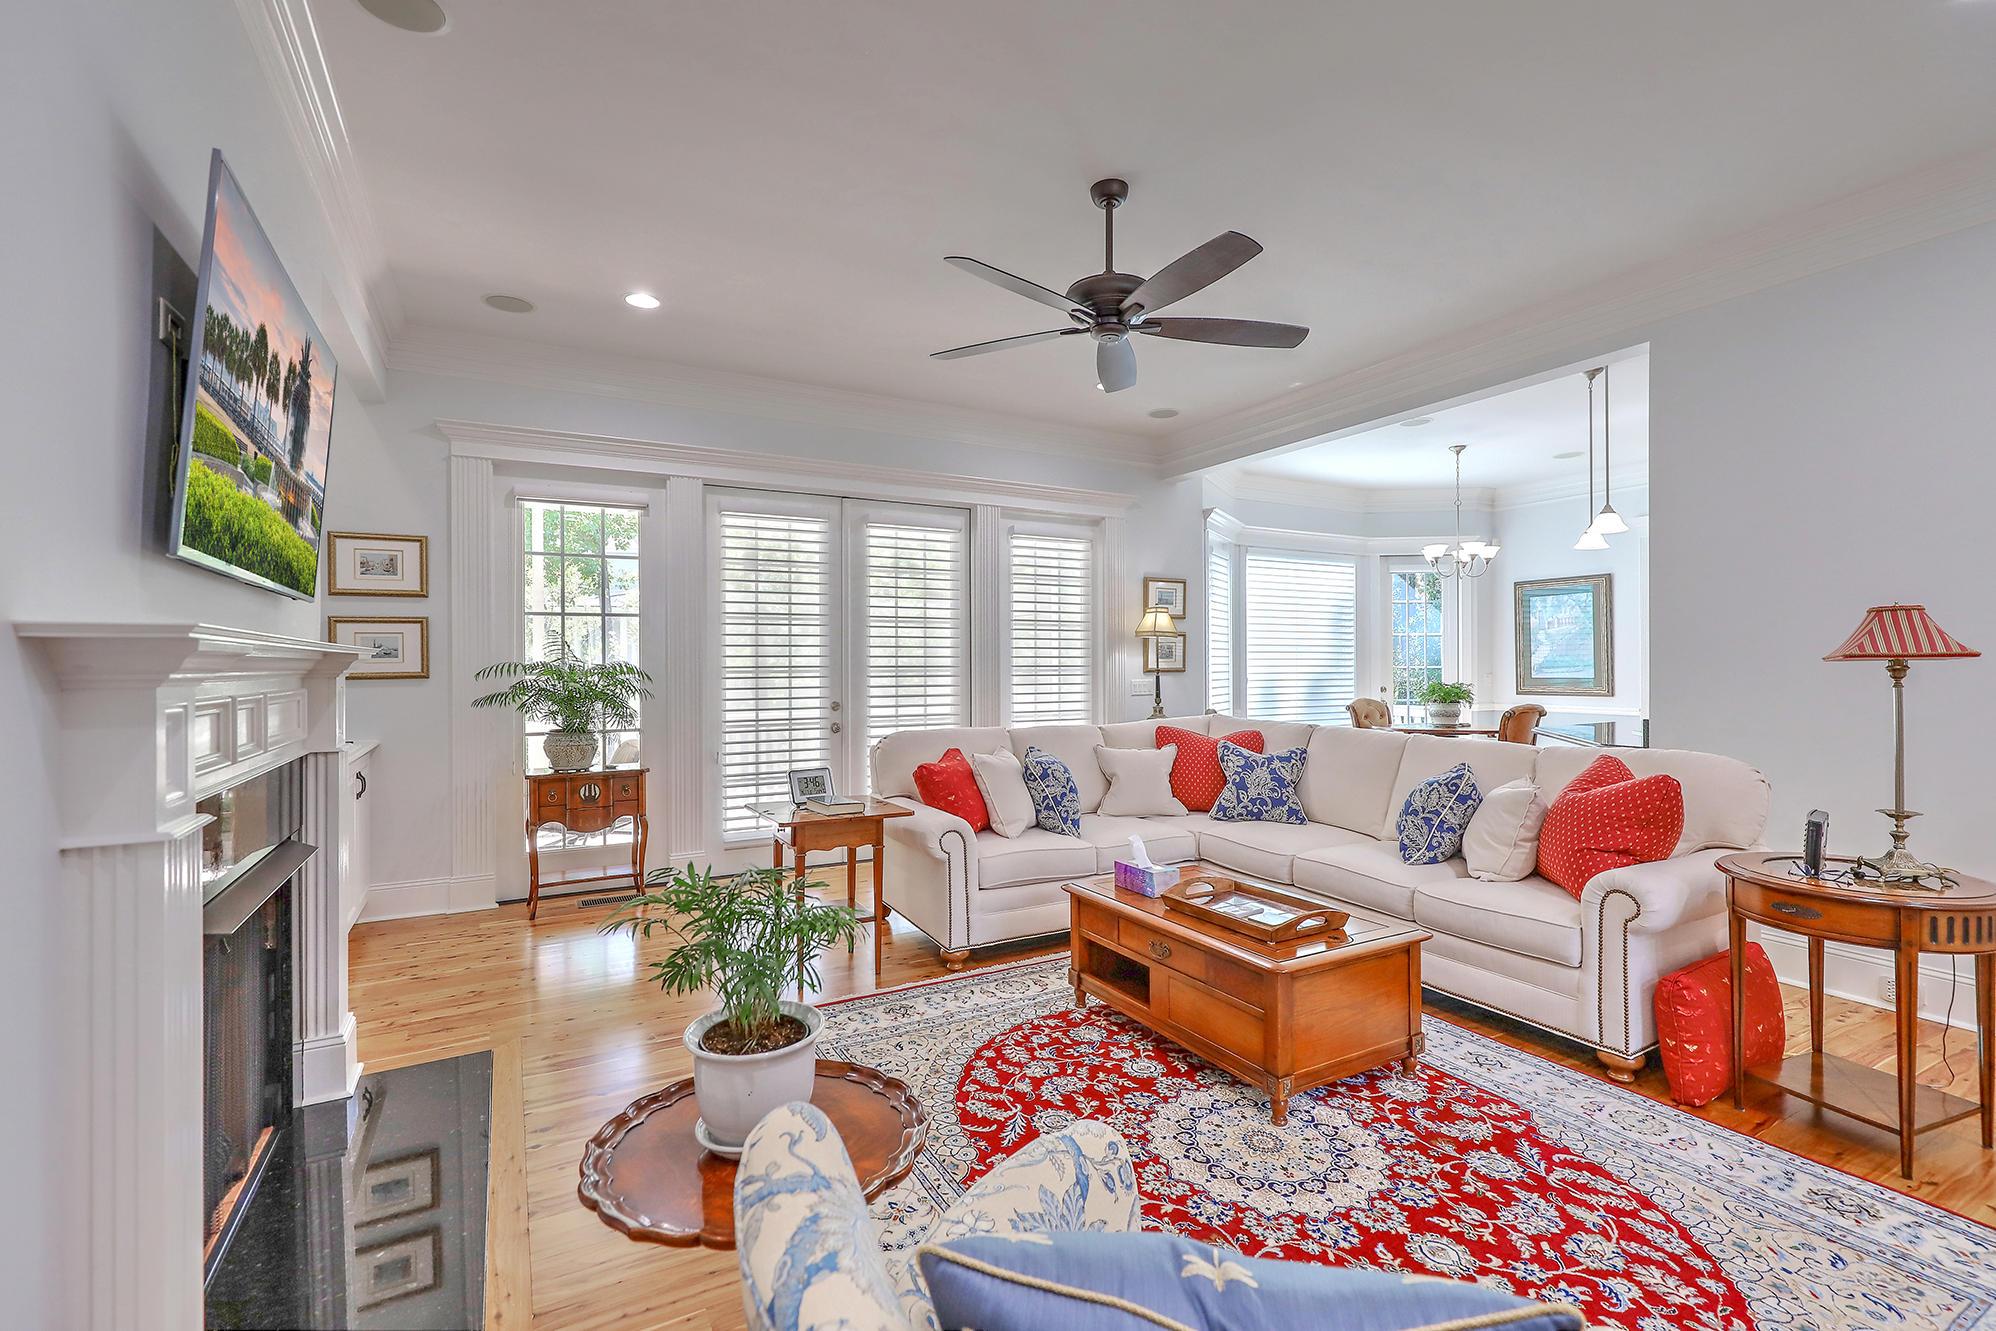 Park West Homes For Sale - 2108 Malcolm, Mount Pleasant, SC - 26